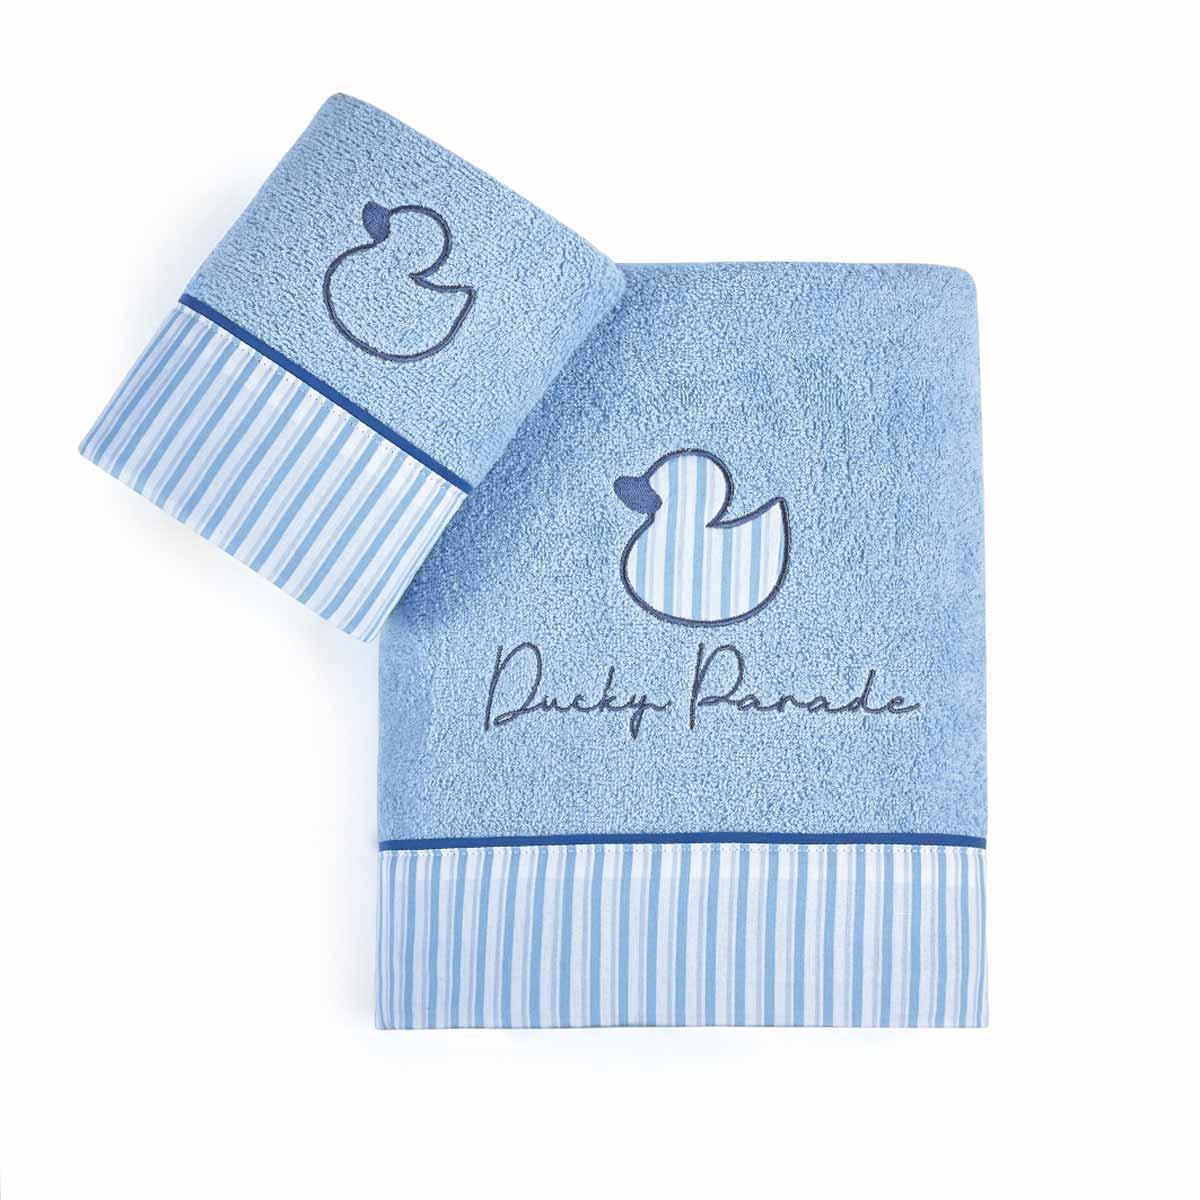 Βρεφικές Πετσέτες (Σετ 2τμχ) Kentia Baby Ducky